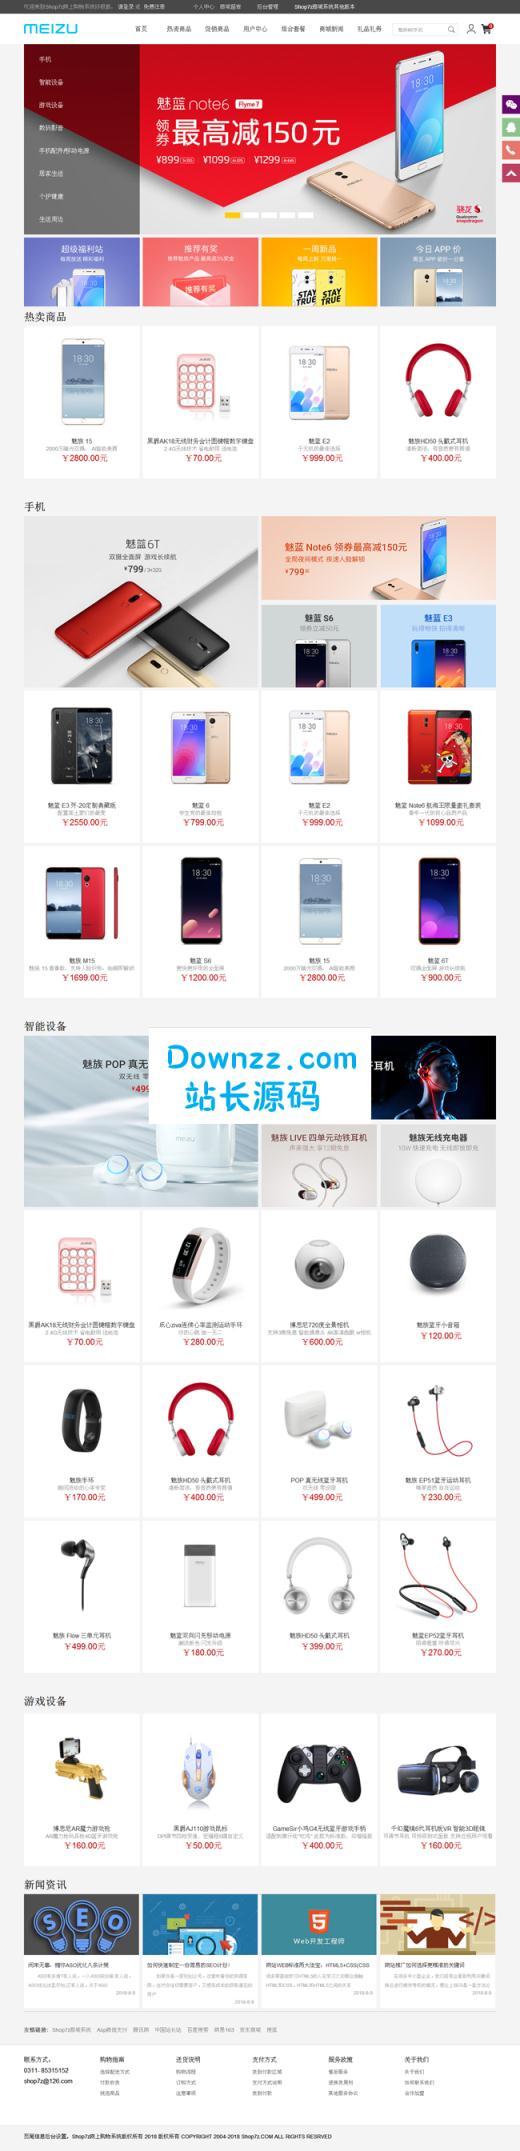 Shop7z网上购物系统时尚版v9.5